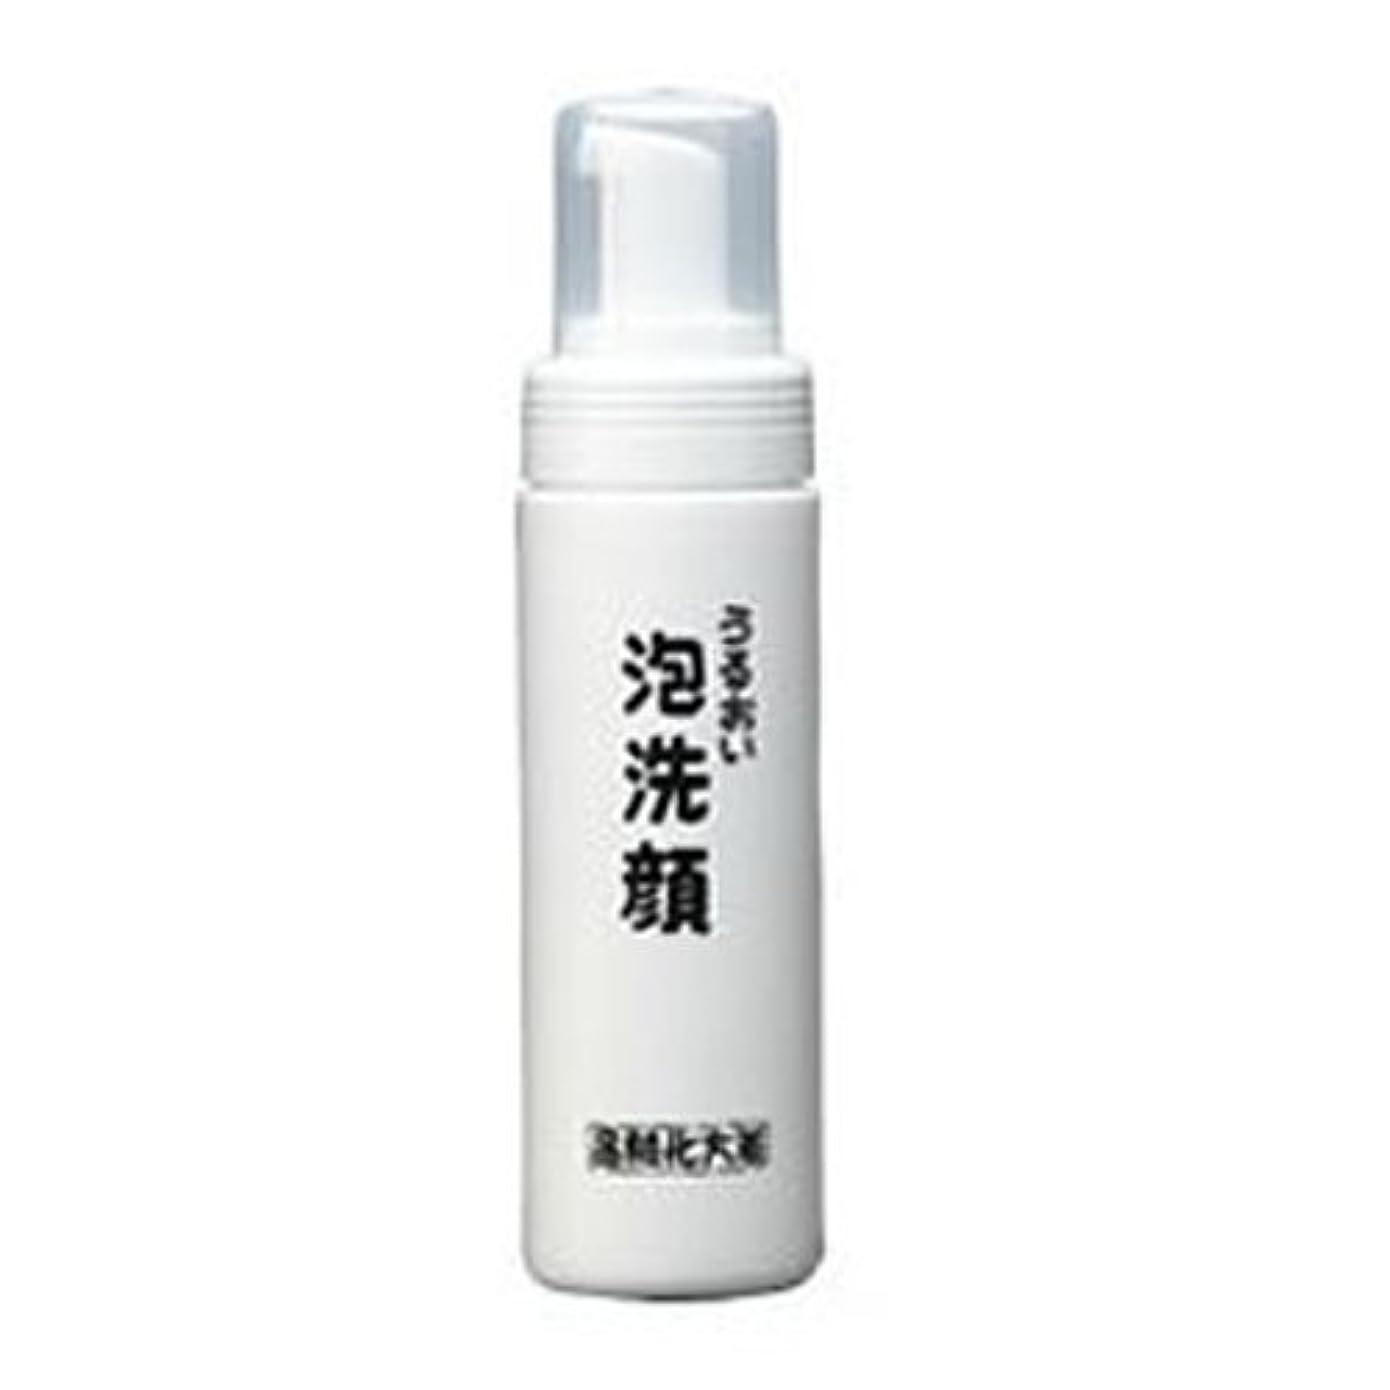 受信機ビタミンファシズム箸方化粧品 うるおい泡洗顔 150ml はしかた化粧品